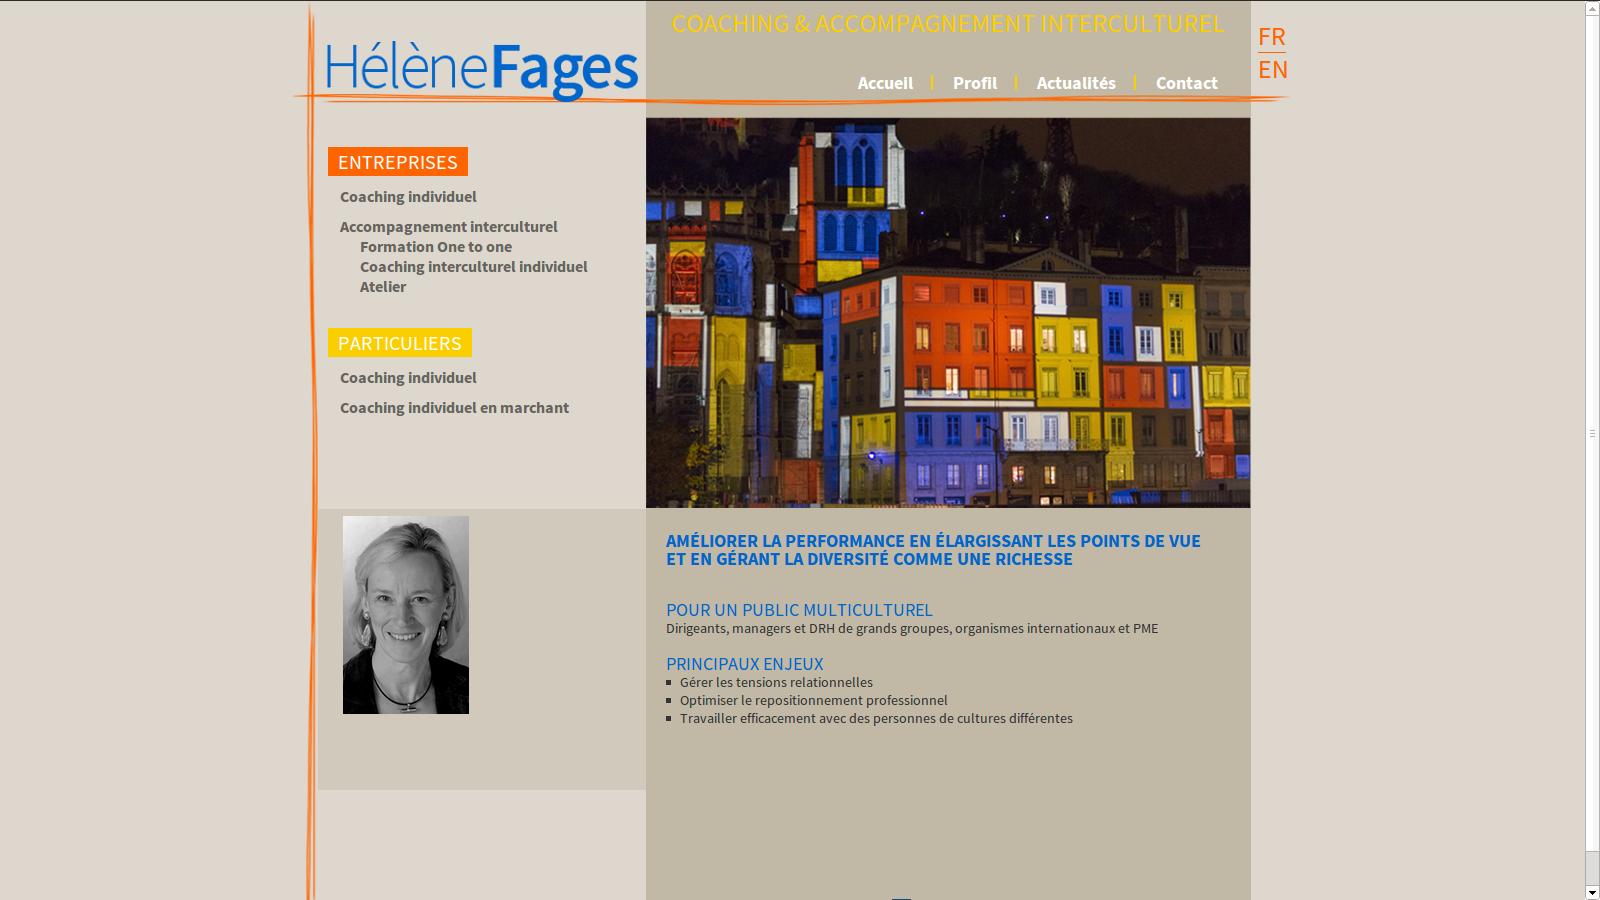 Hélène Fages